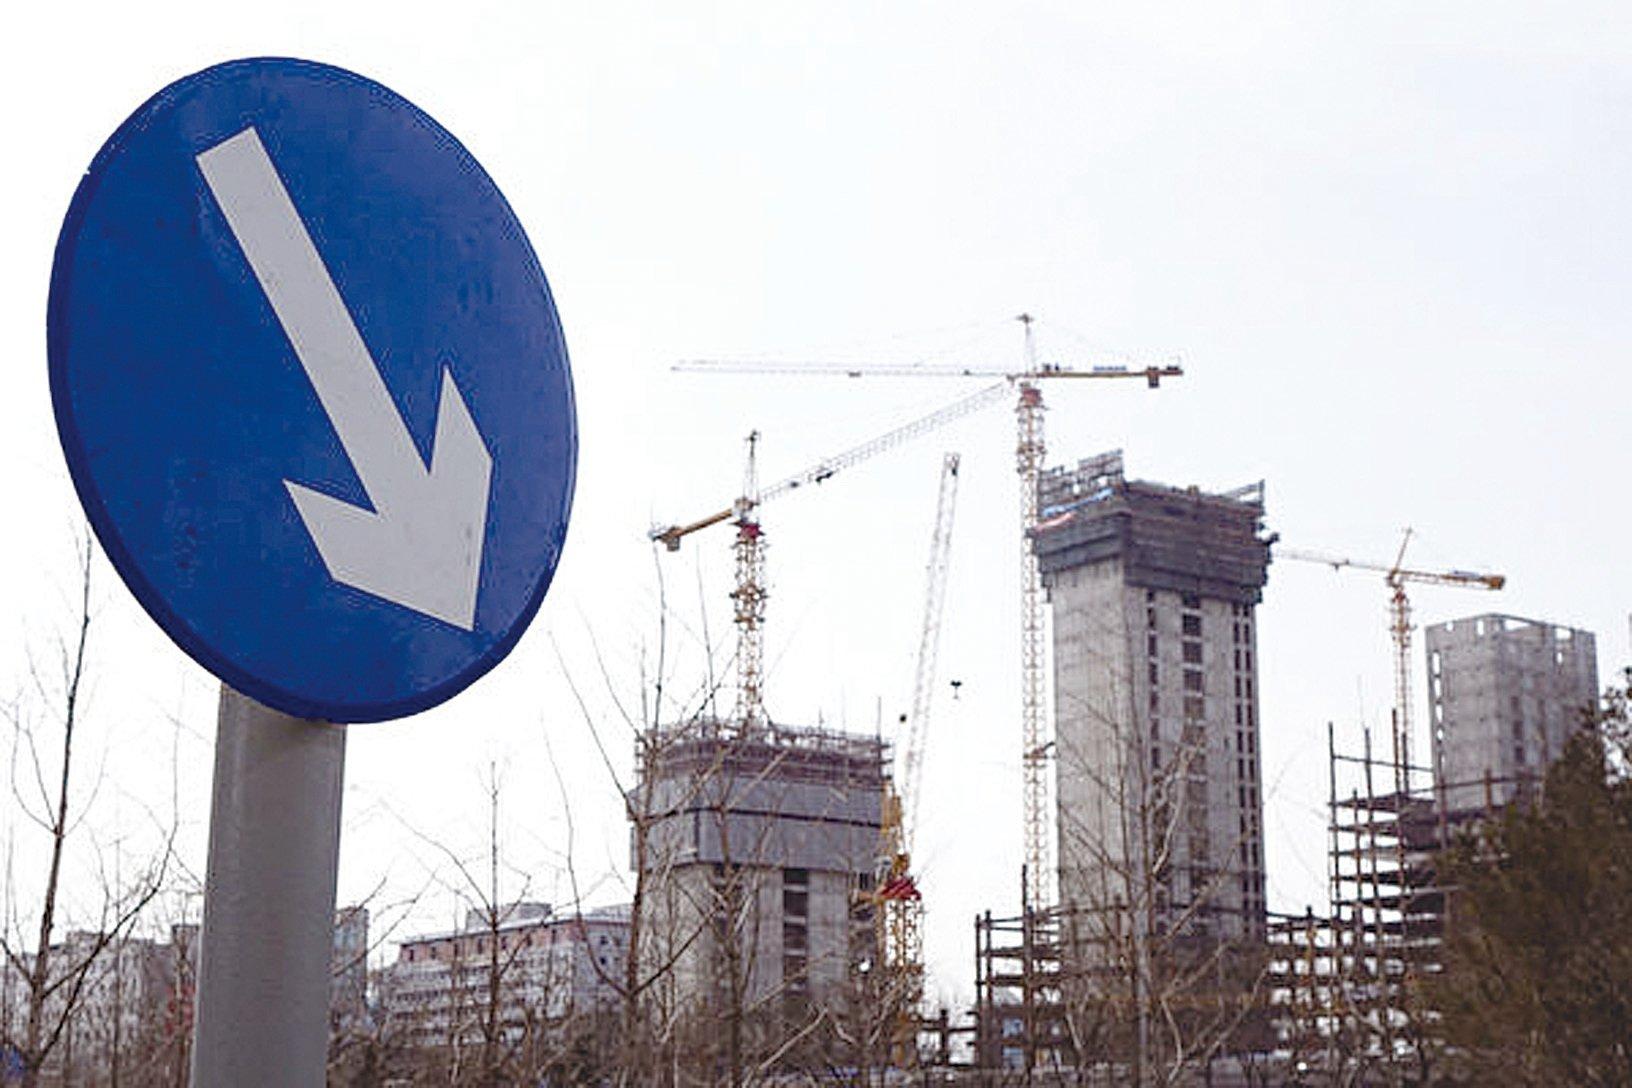 中國經濟陷入困境十分明顯, 2018年下半年中國經濟官方和非官方增長數字從6%到負1.6%都有,說明衰退已然成型。(大紀元資料圖片)